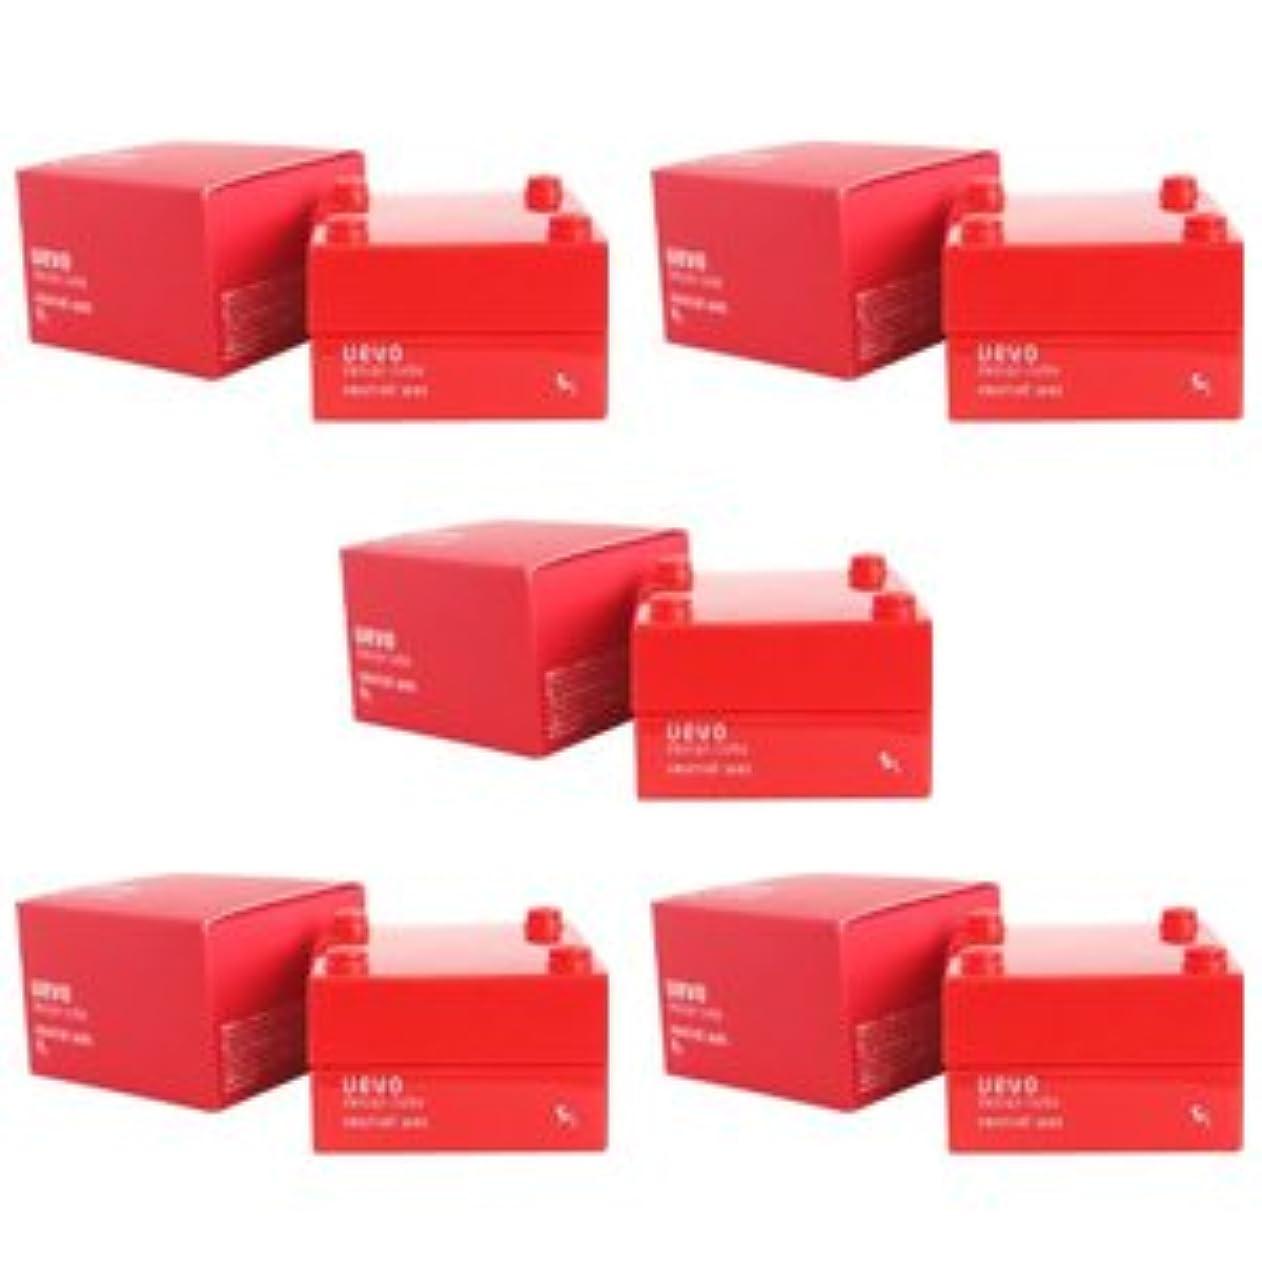 画像本体牧草地【X5個セット】 デミ ウェーボ デザインキューブ ニュートラルワックス 30g neutral wax DEMI uevo design cube